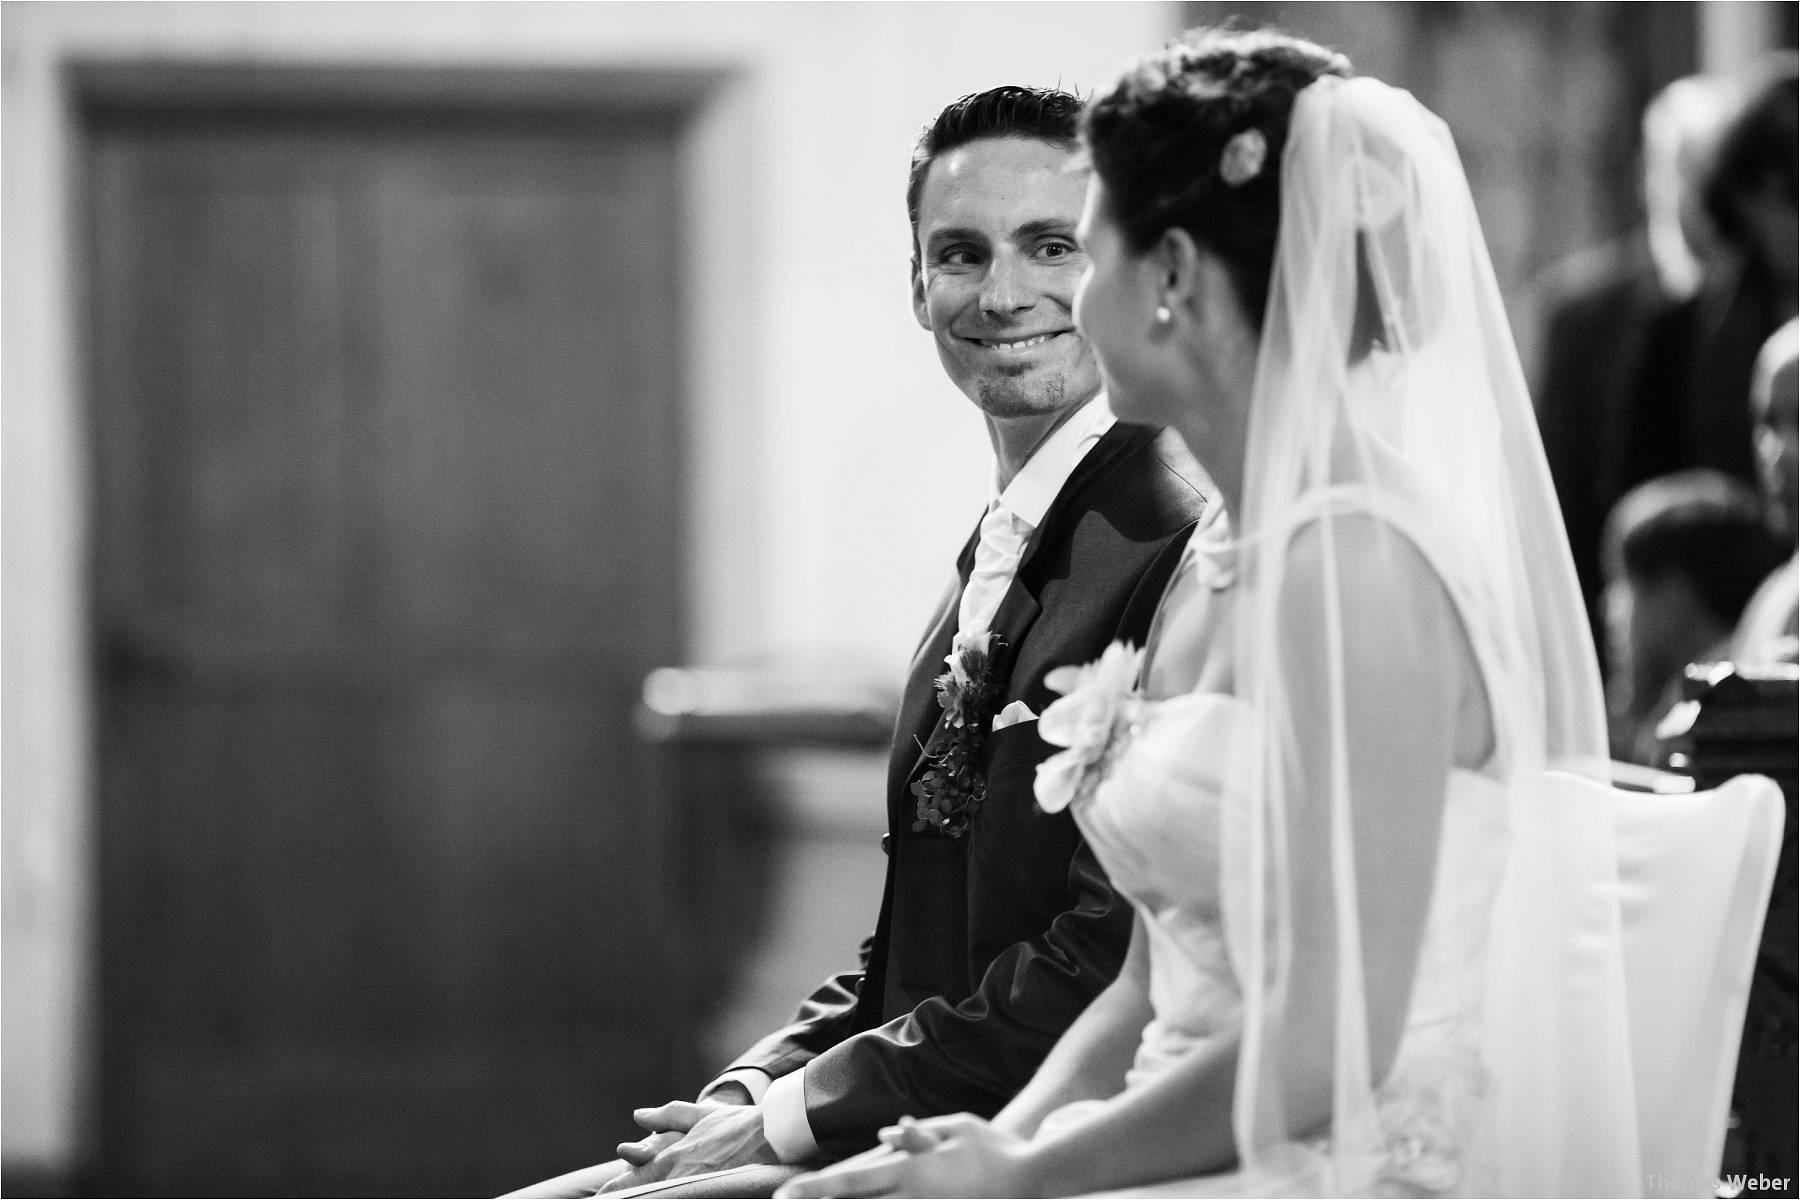 Hochzeitsfotograf Bremen: Kirchliche Trauung in der Propsteikirche St. Johann im Bremer Schnoor und Hochzeitsfeier bei Rogge Dünsen (5)